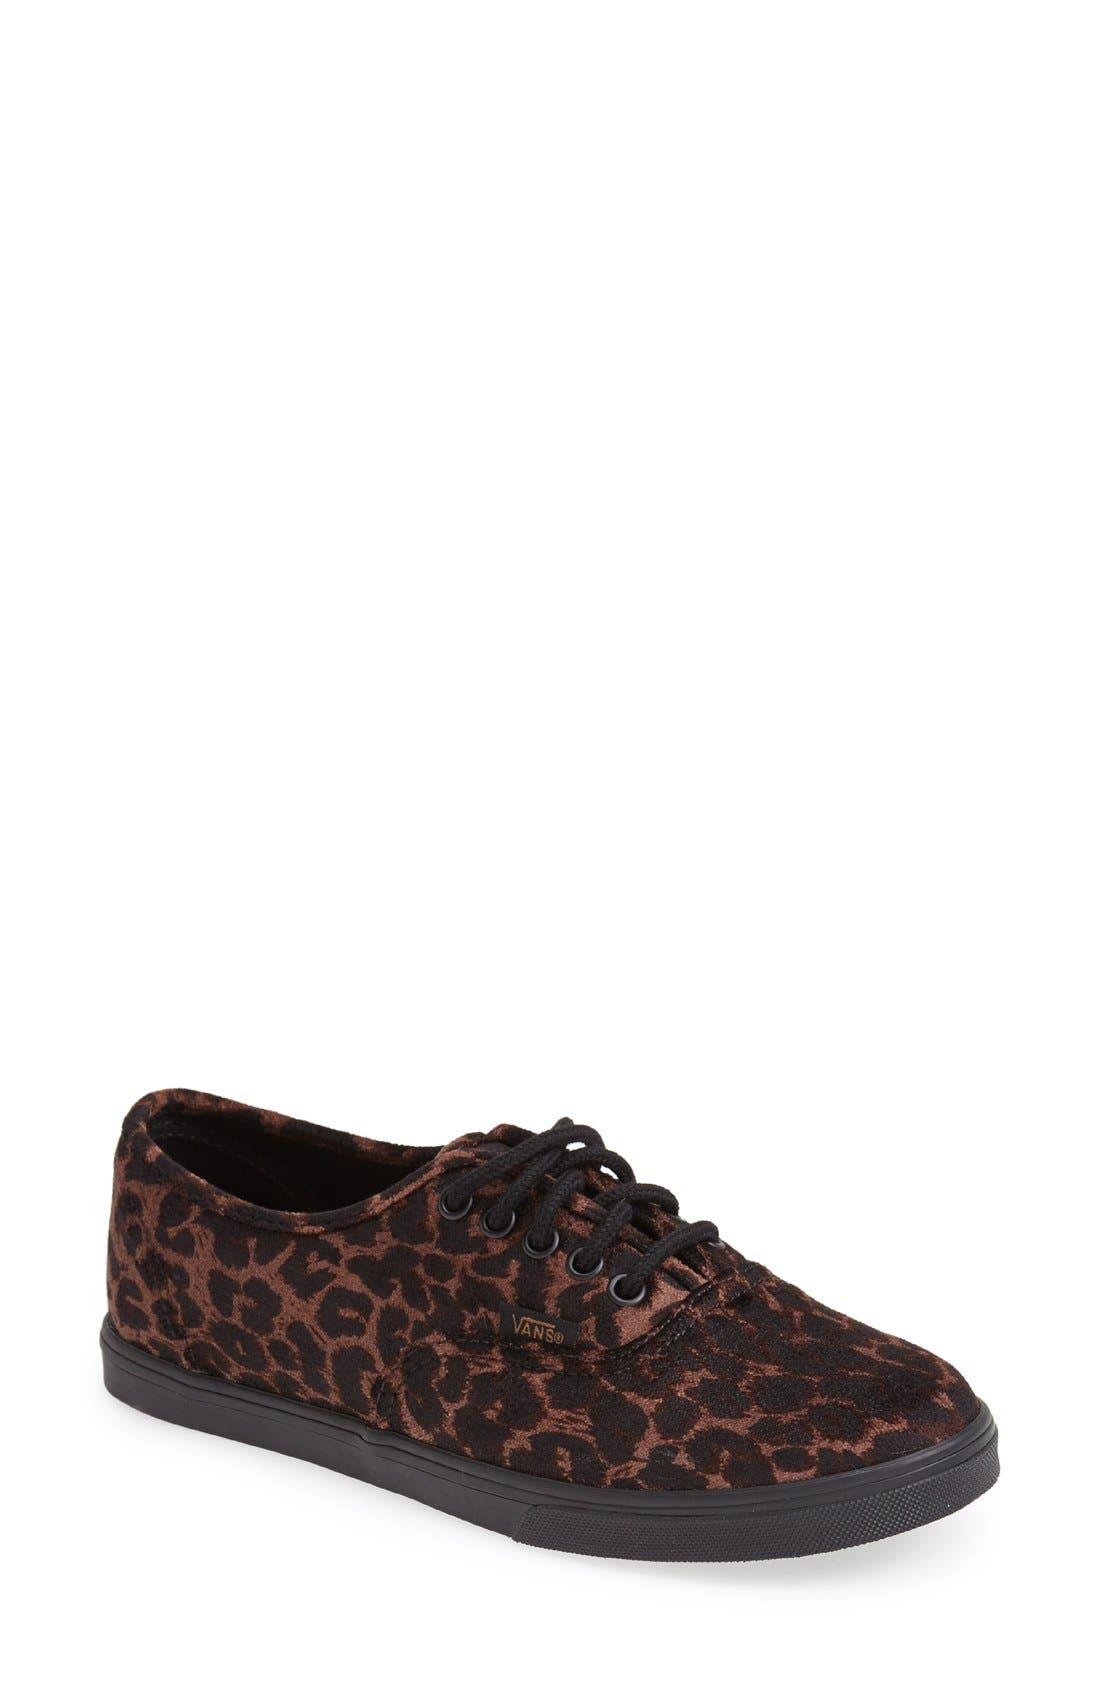 Main Image - Vans 'Authentic - Lo Pro' Leopard Print Sneaker (Women)